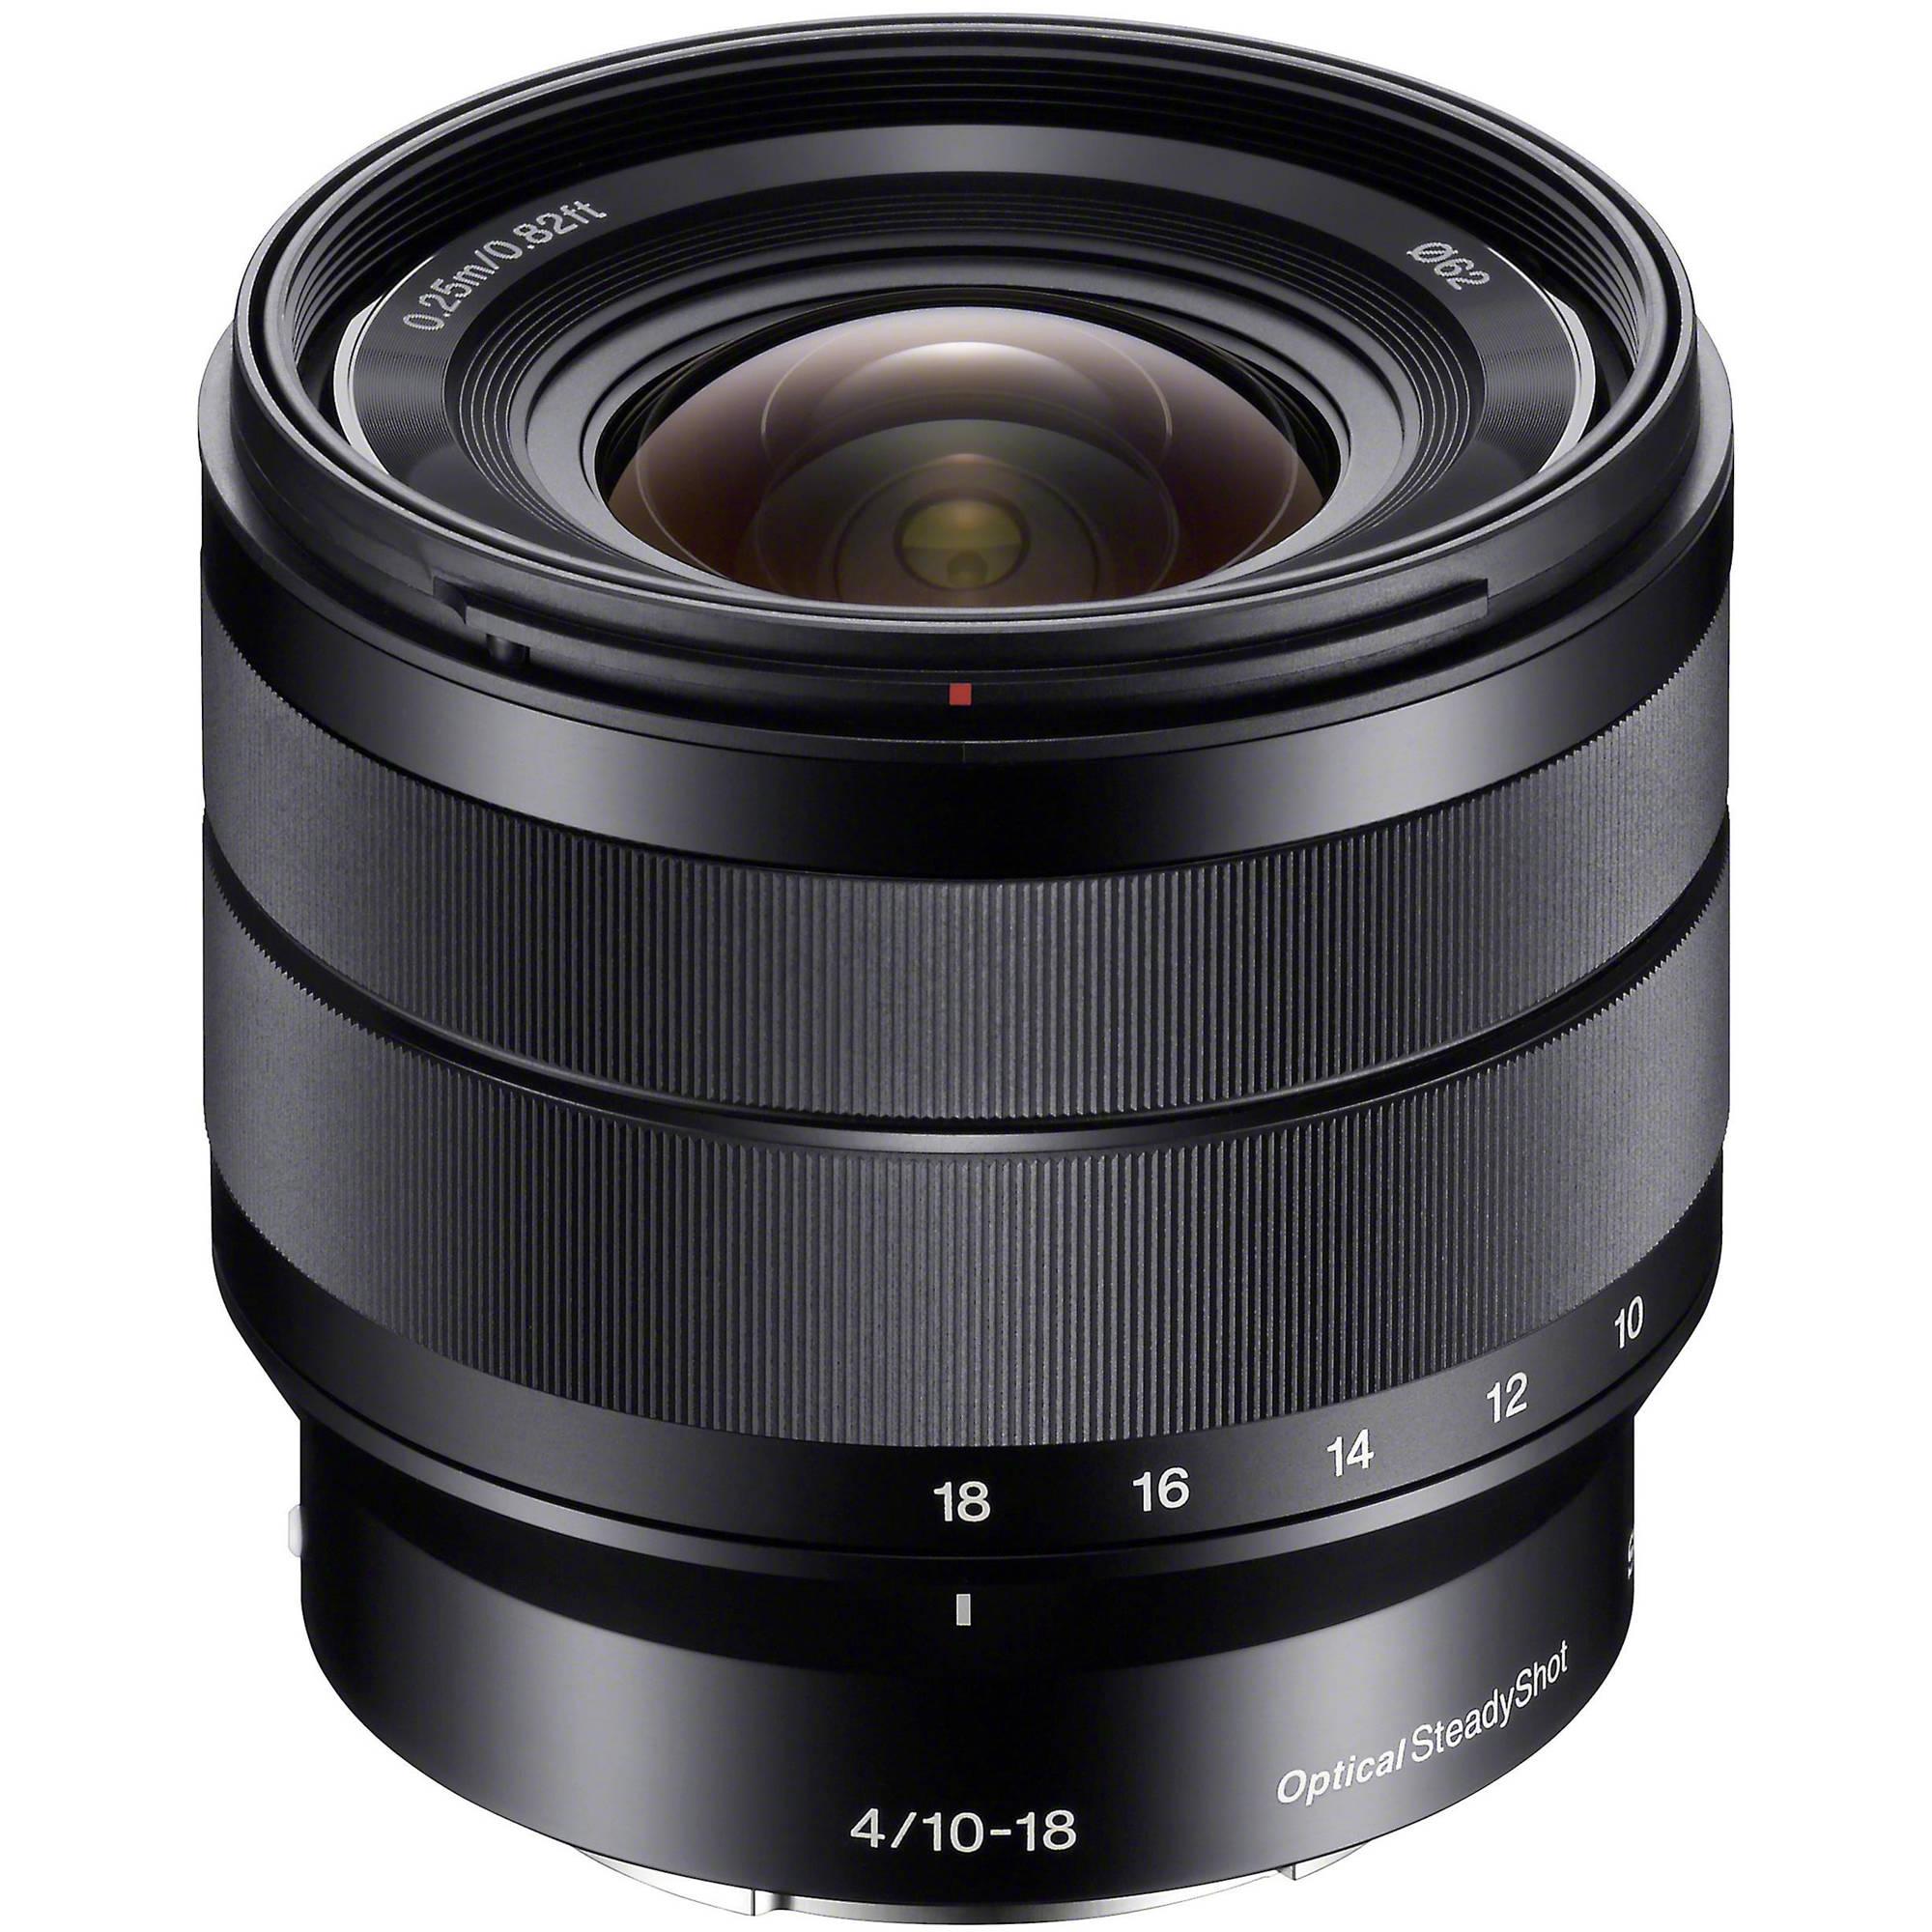 10-18mm Lens